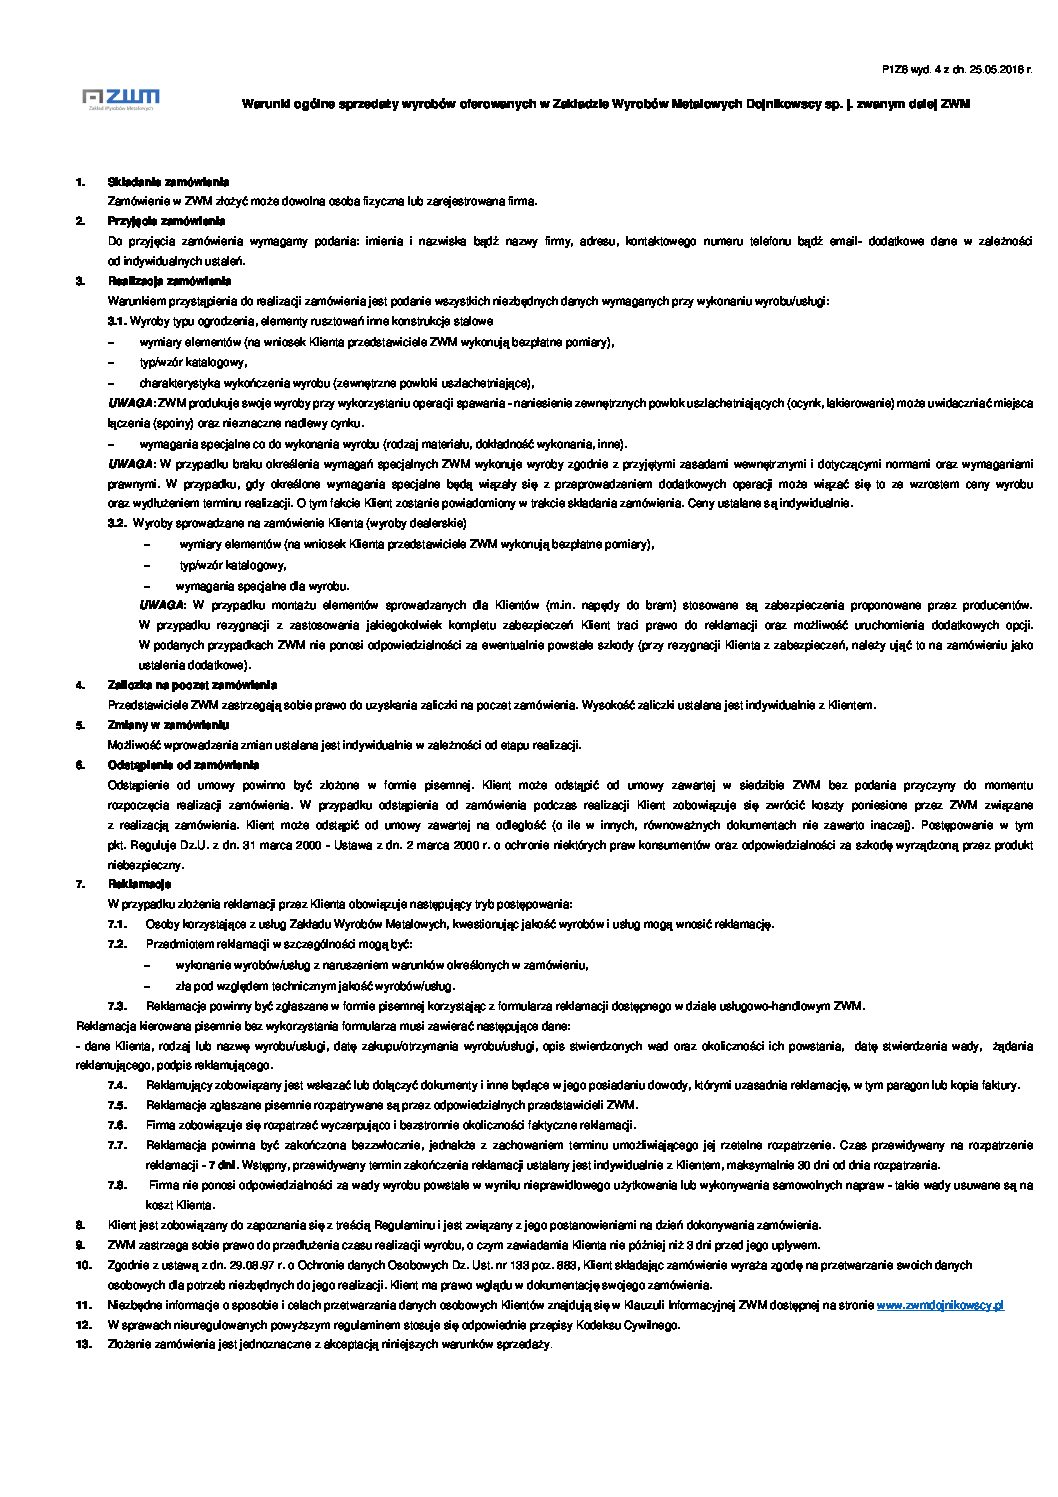 ZWM Dojnikowscy – Warunki ogólne sprzedaży wyrobów